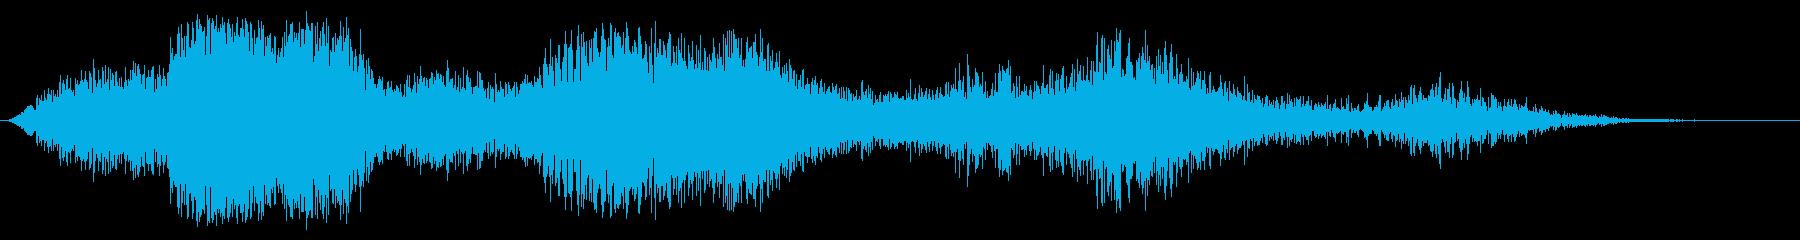 ピンボールウィザードフーシュの再生済みの波形